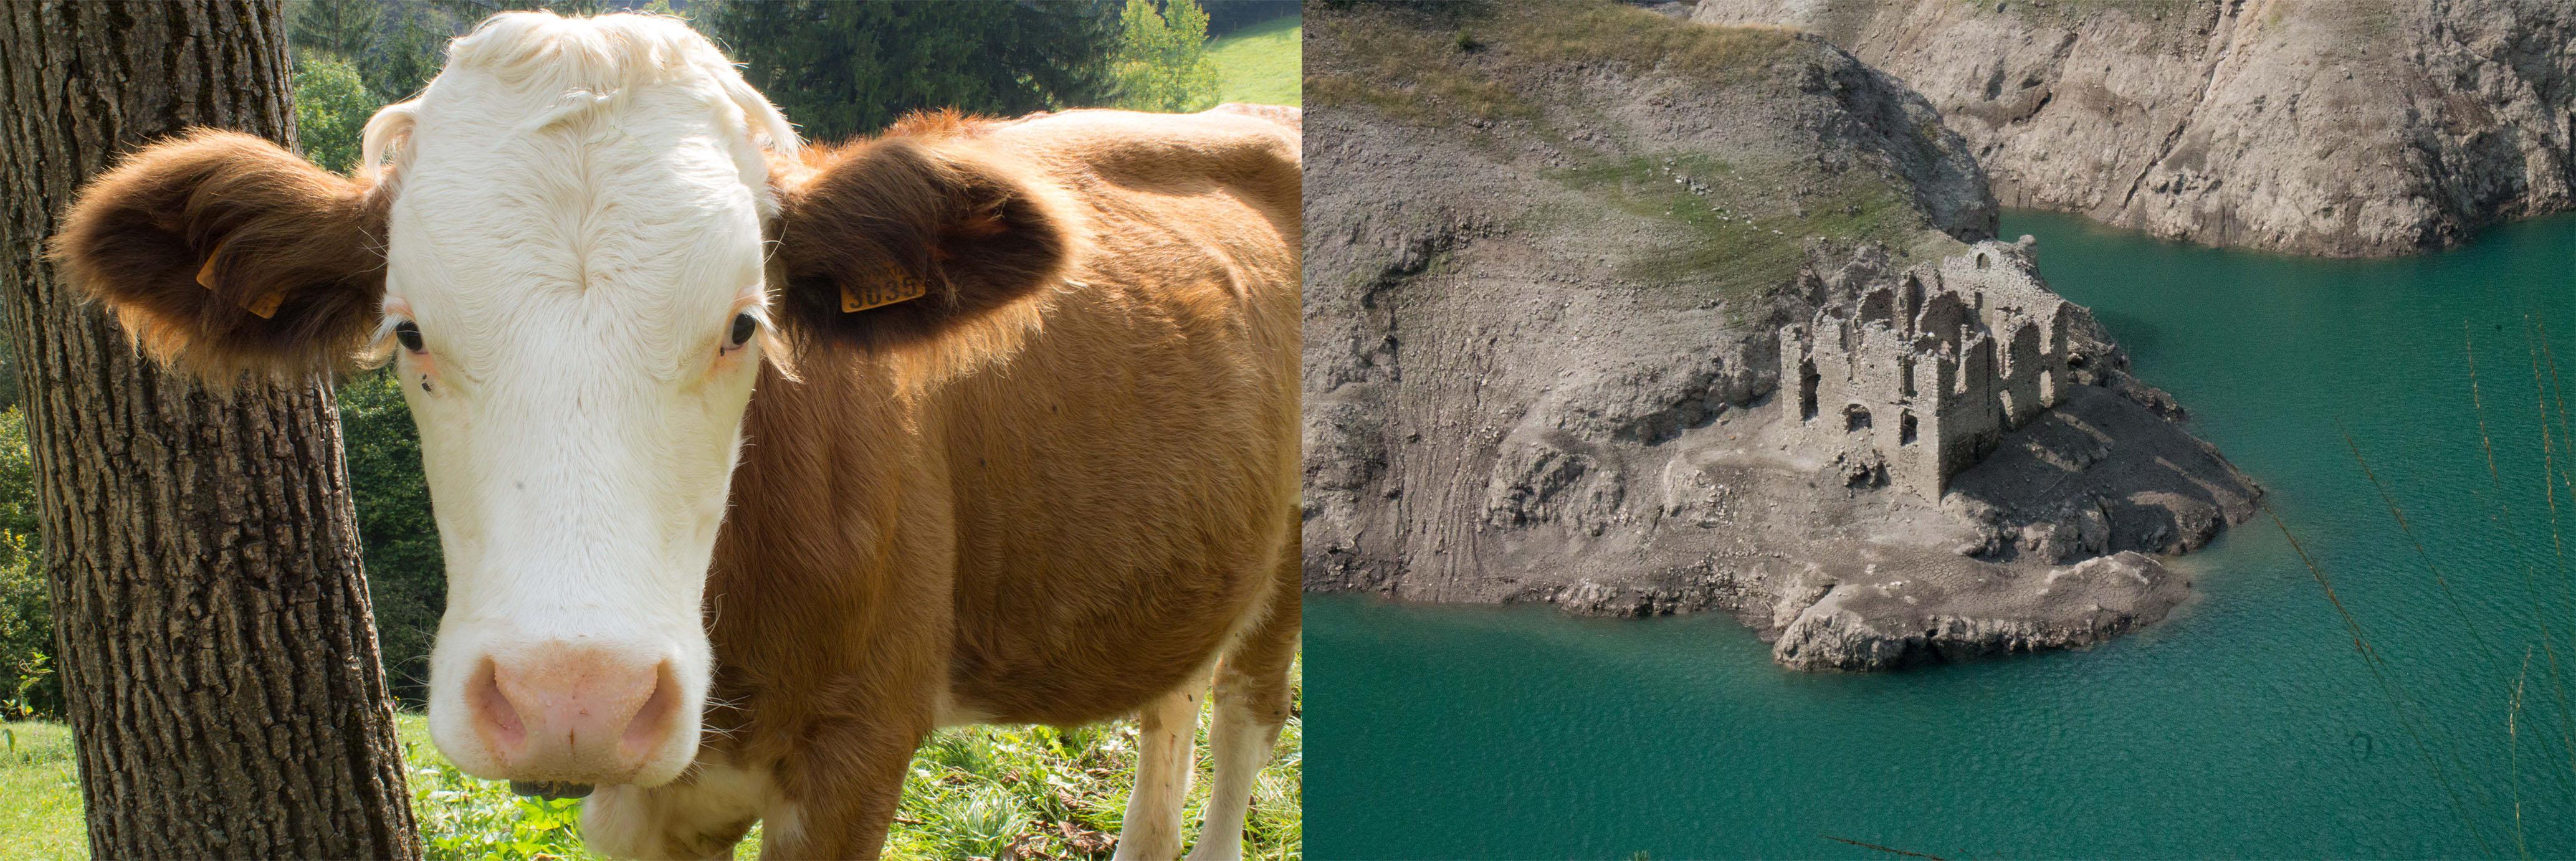 Kuh und Stadt